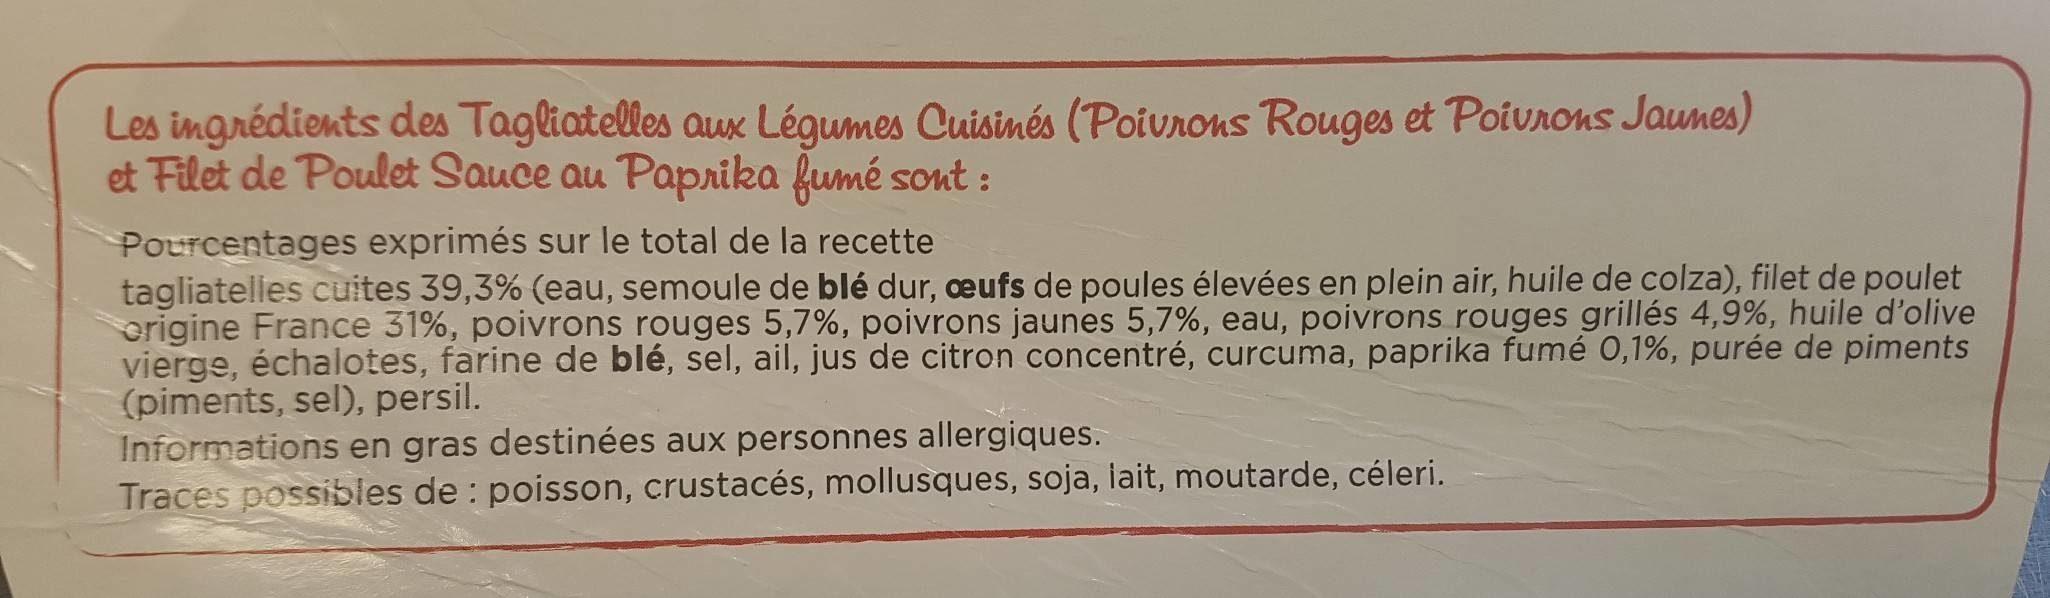 Filet de poulet, Sauce au paprika, Tagliatelles aux legumes cuisines - Ingrediënten - fr